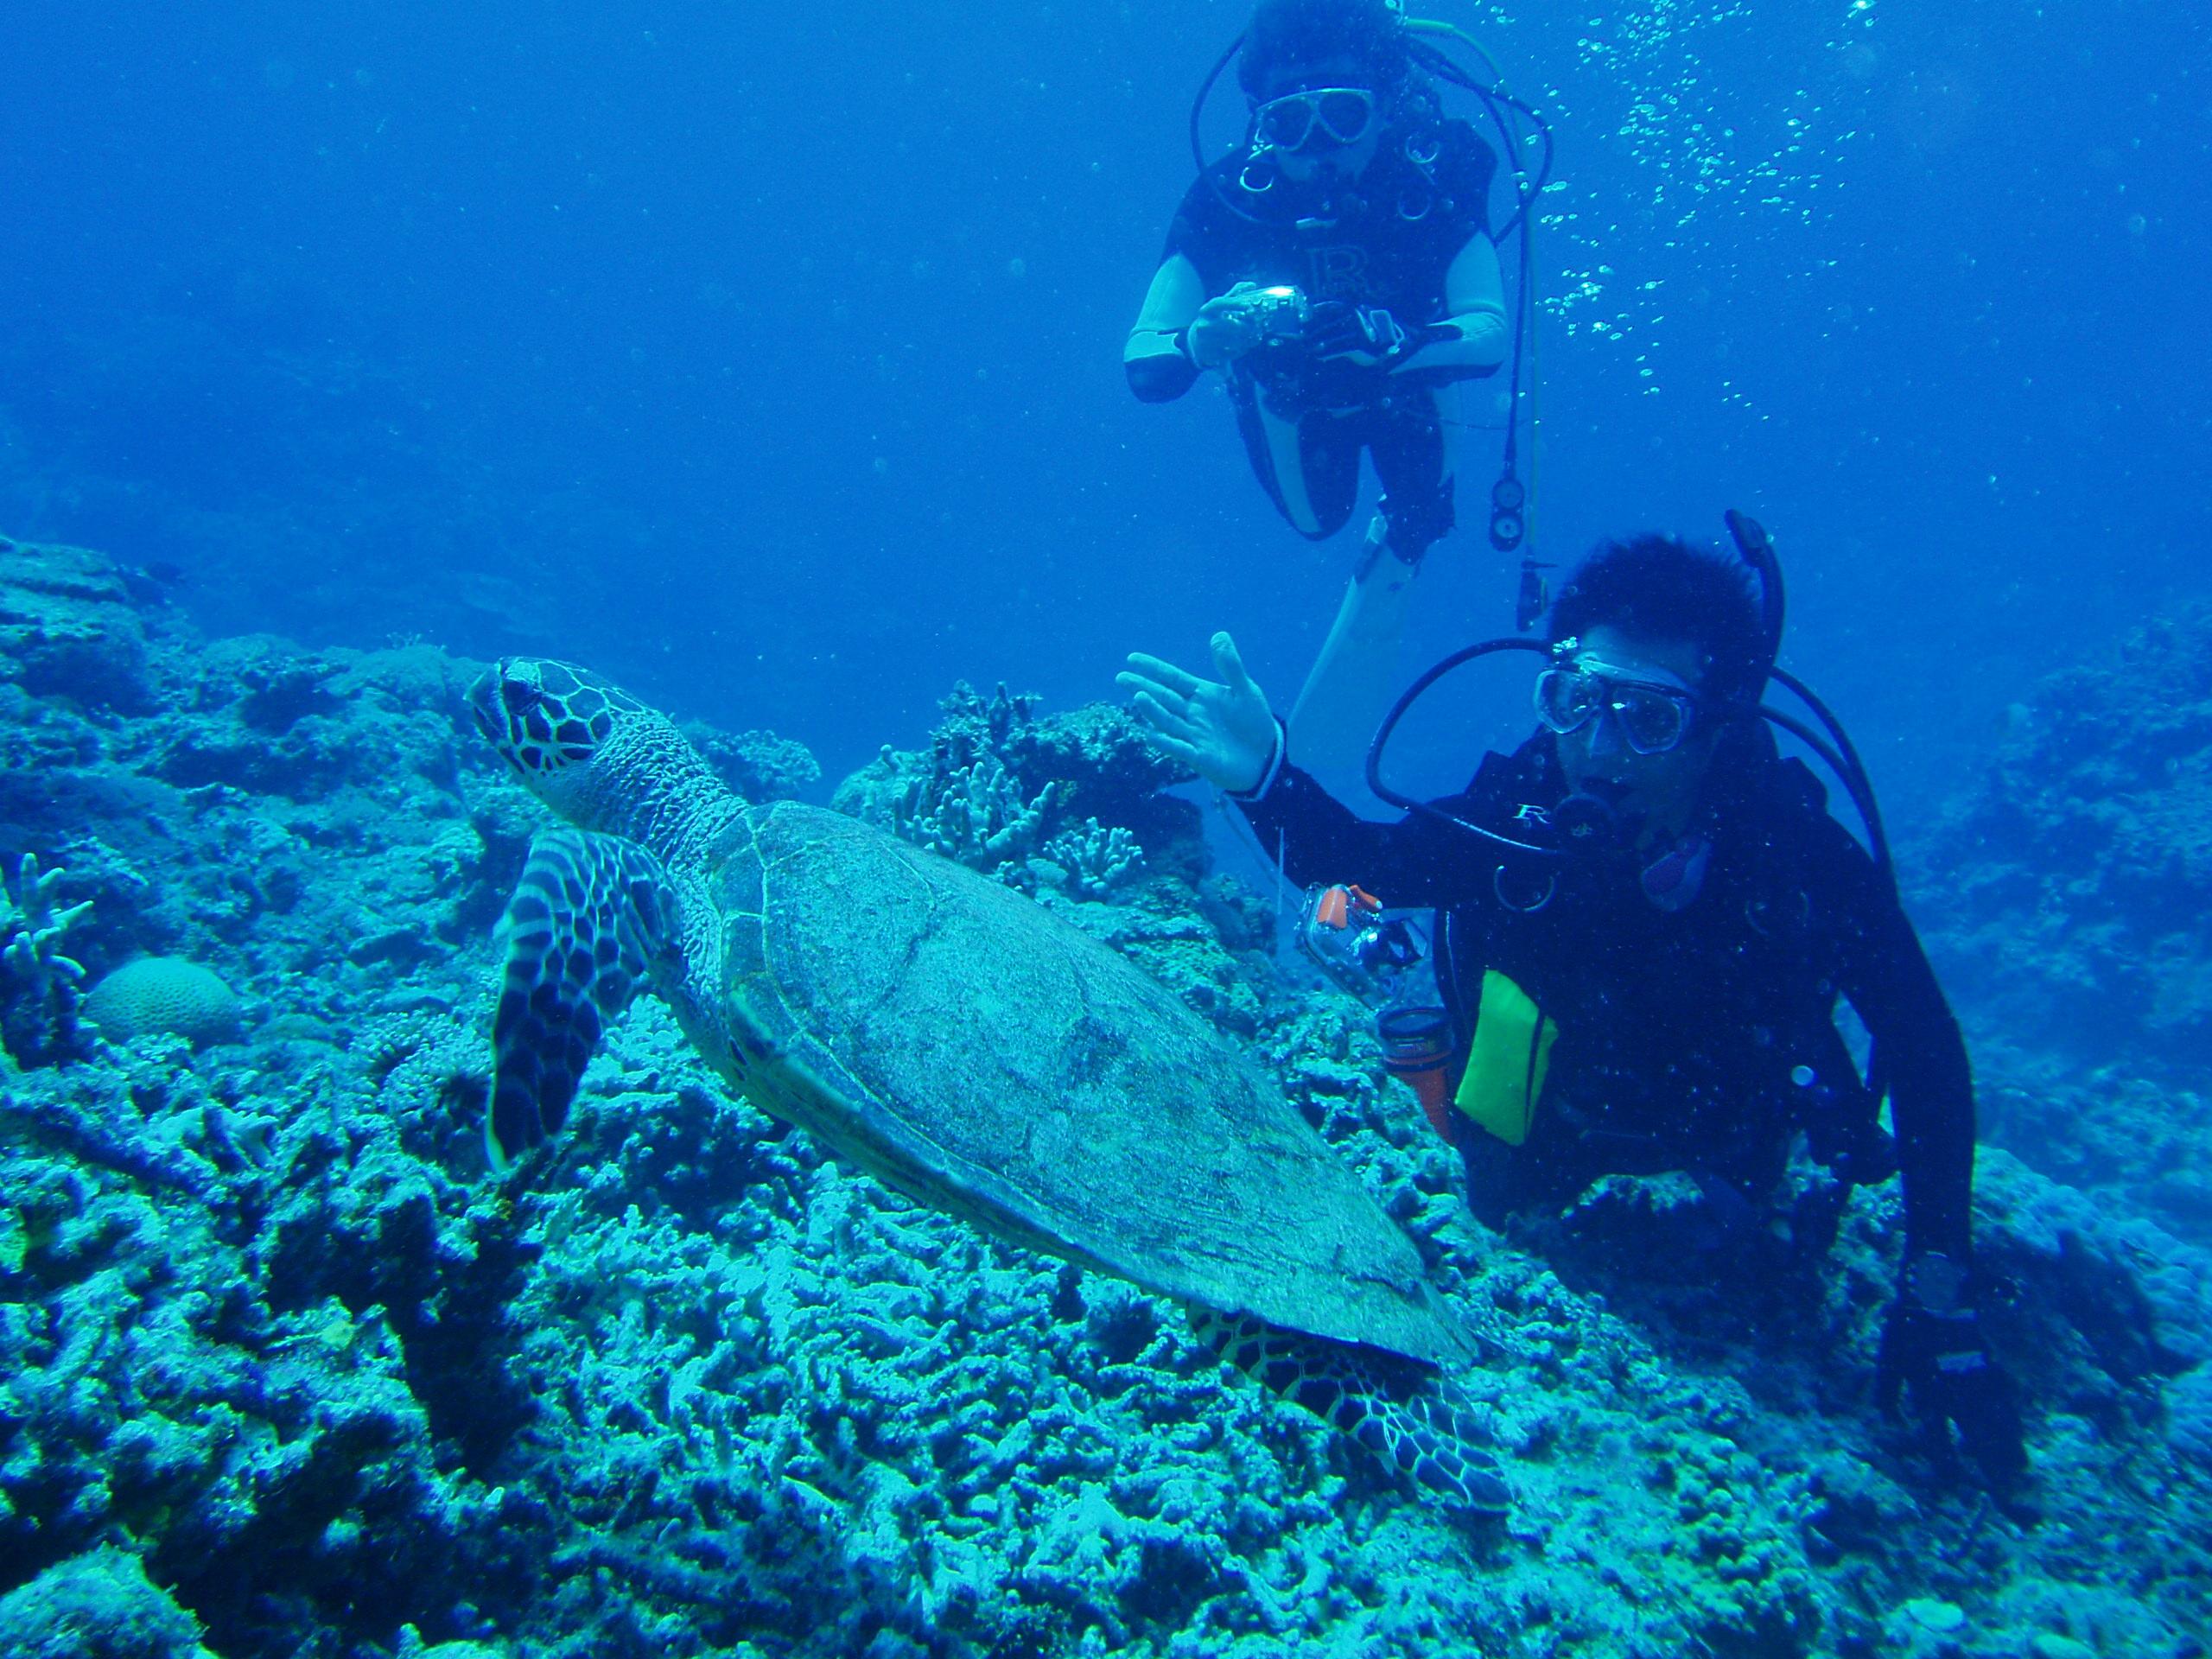 8月30日 ポイント1 安室漁礁 ポイント2 イジャカジャ ポイント3 ガヒ前 水温28℃ 透明度25m